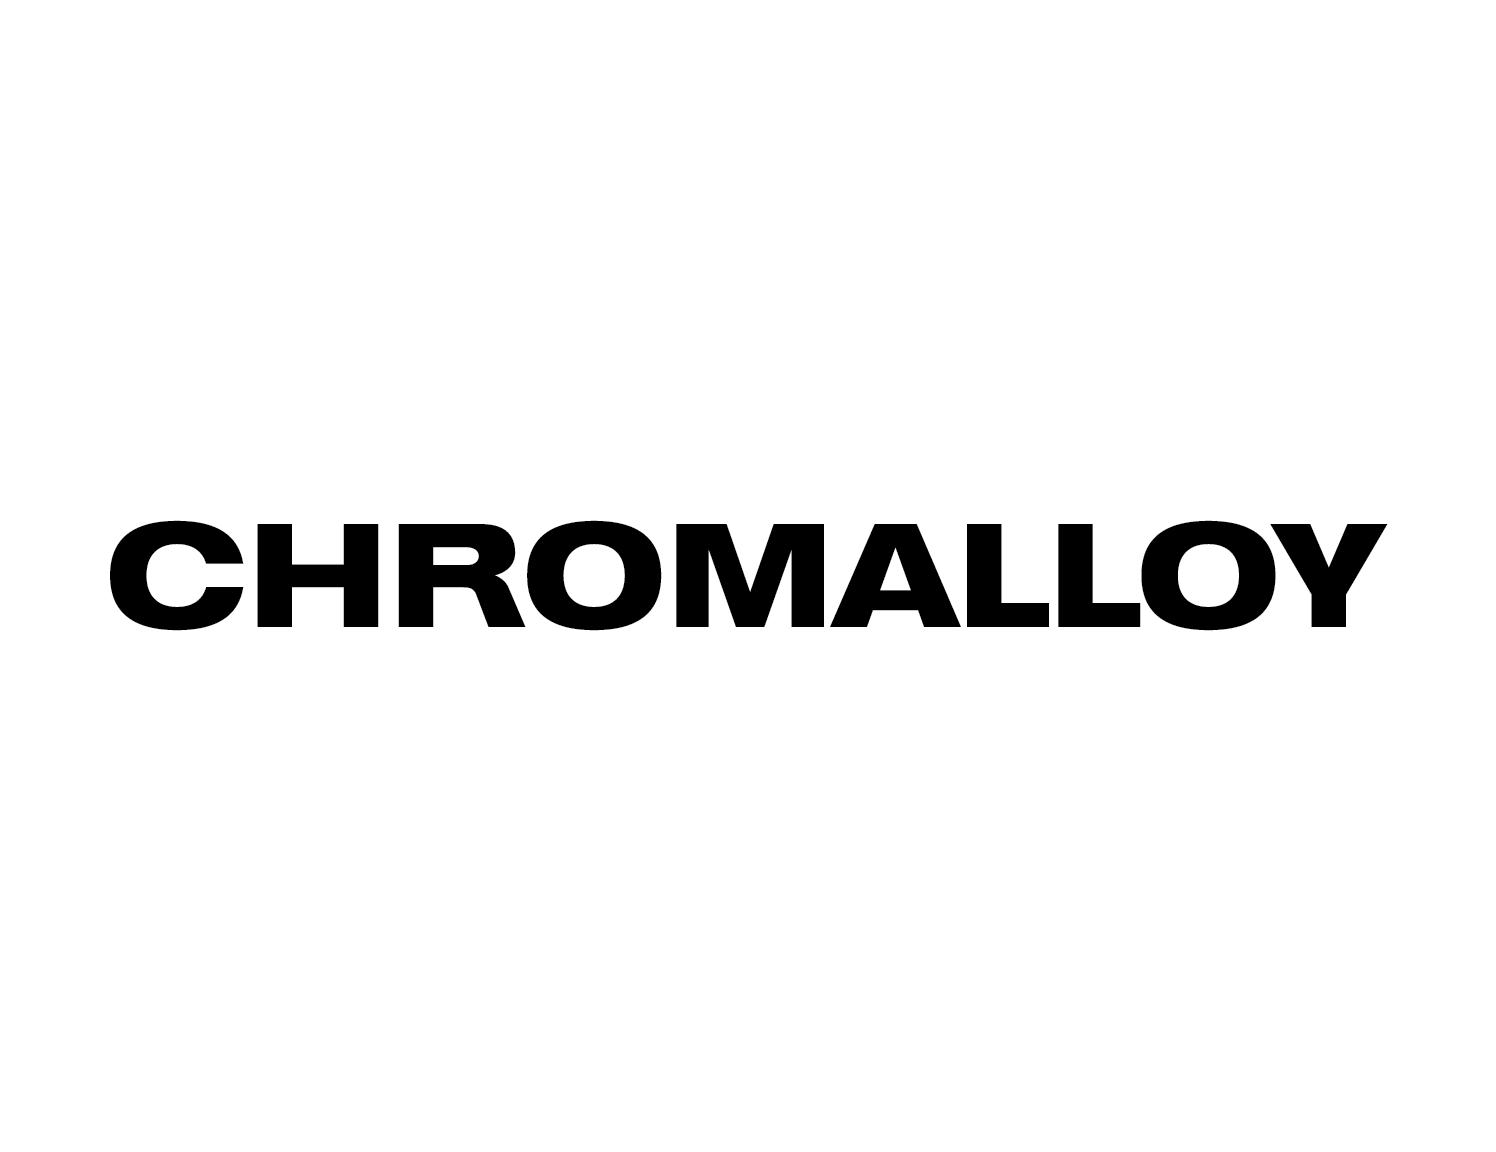 chromalloy logo